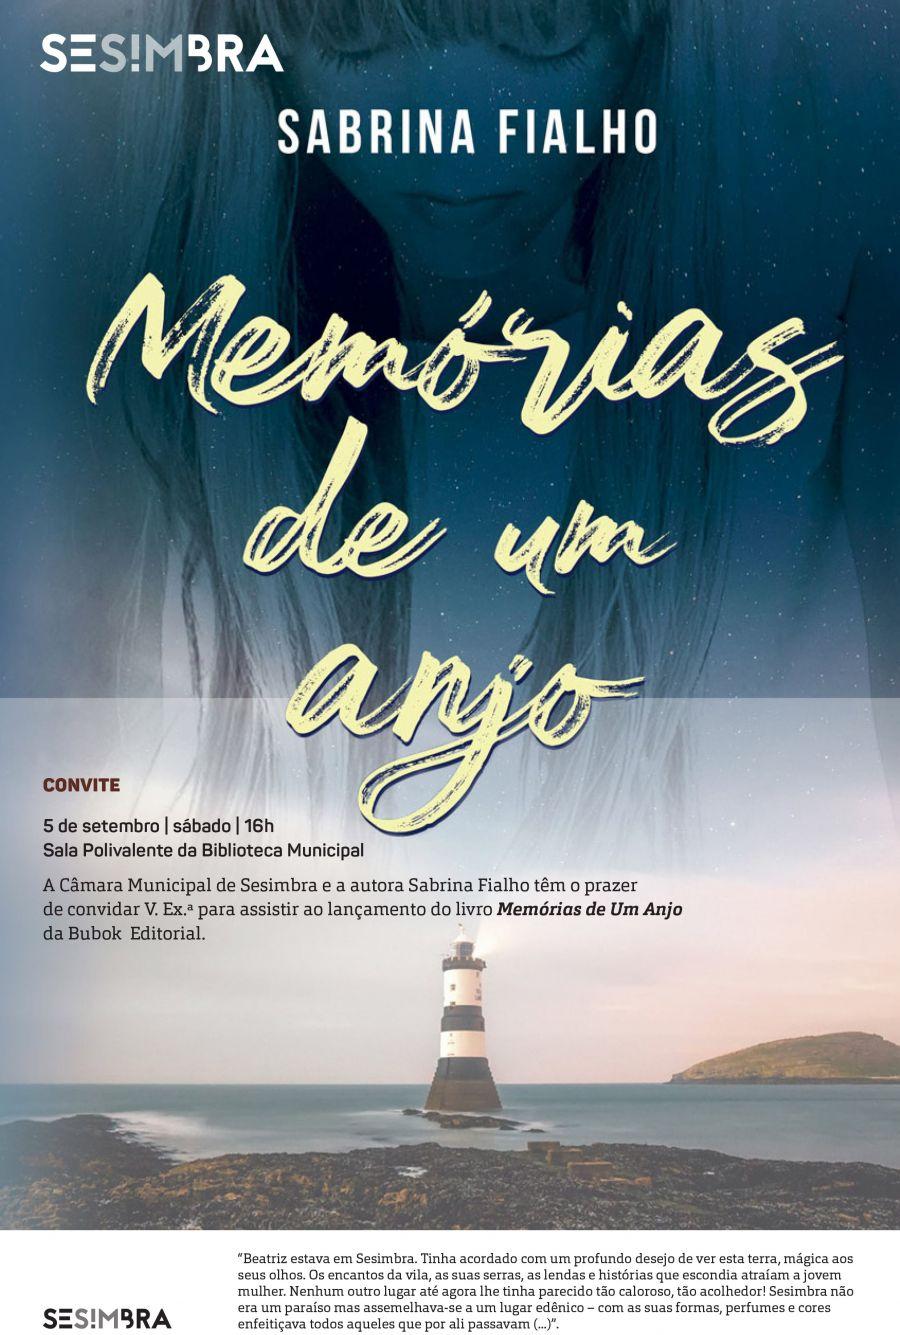 Convite para o lançamento do livro Memórias de Um Anjo